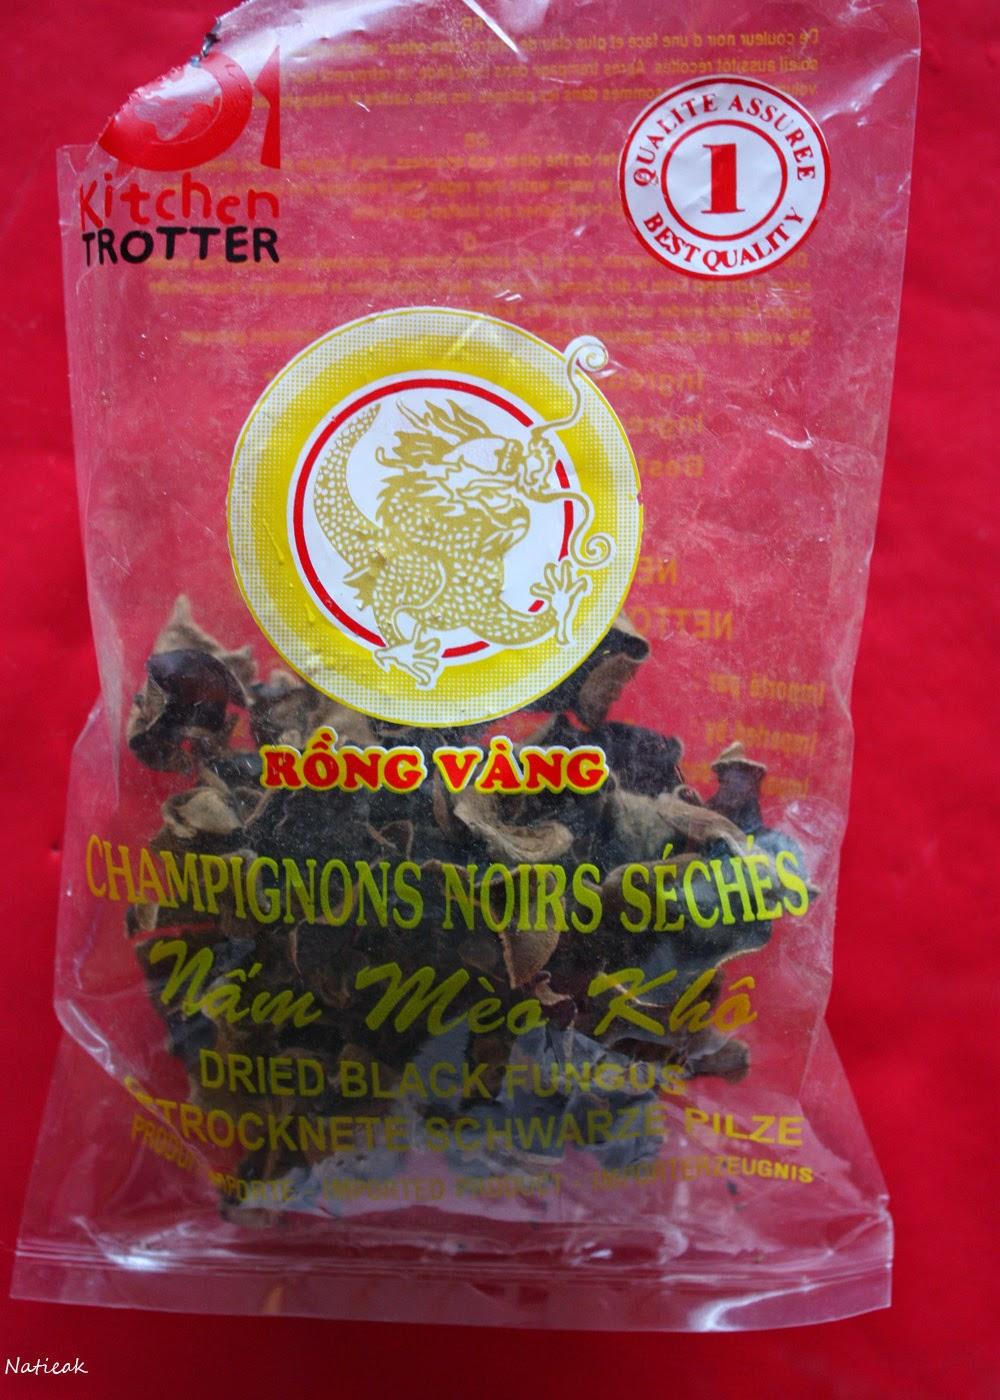 Champignons noirs séchés Rông vâng (Kitchen Trotter)